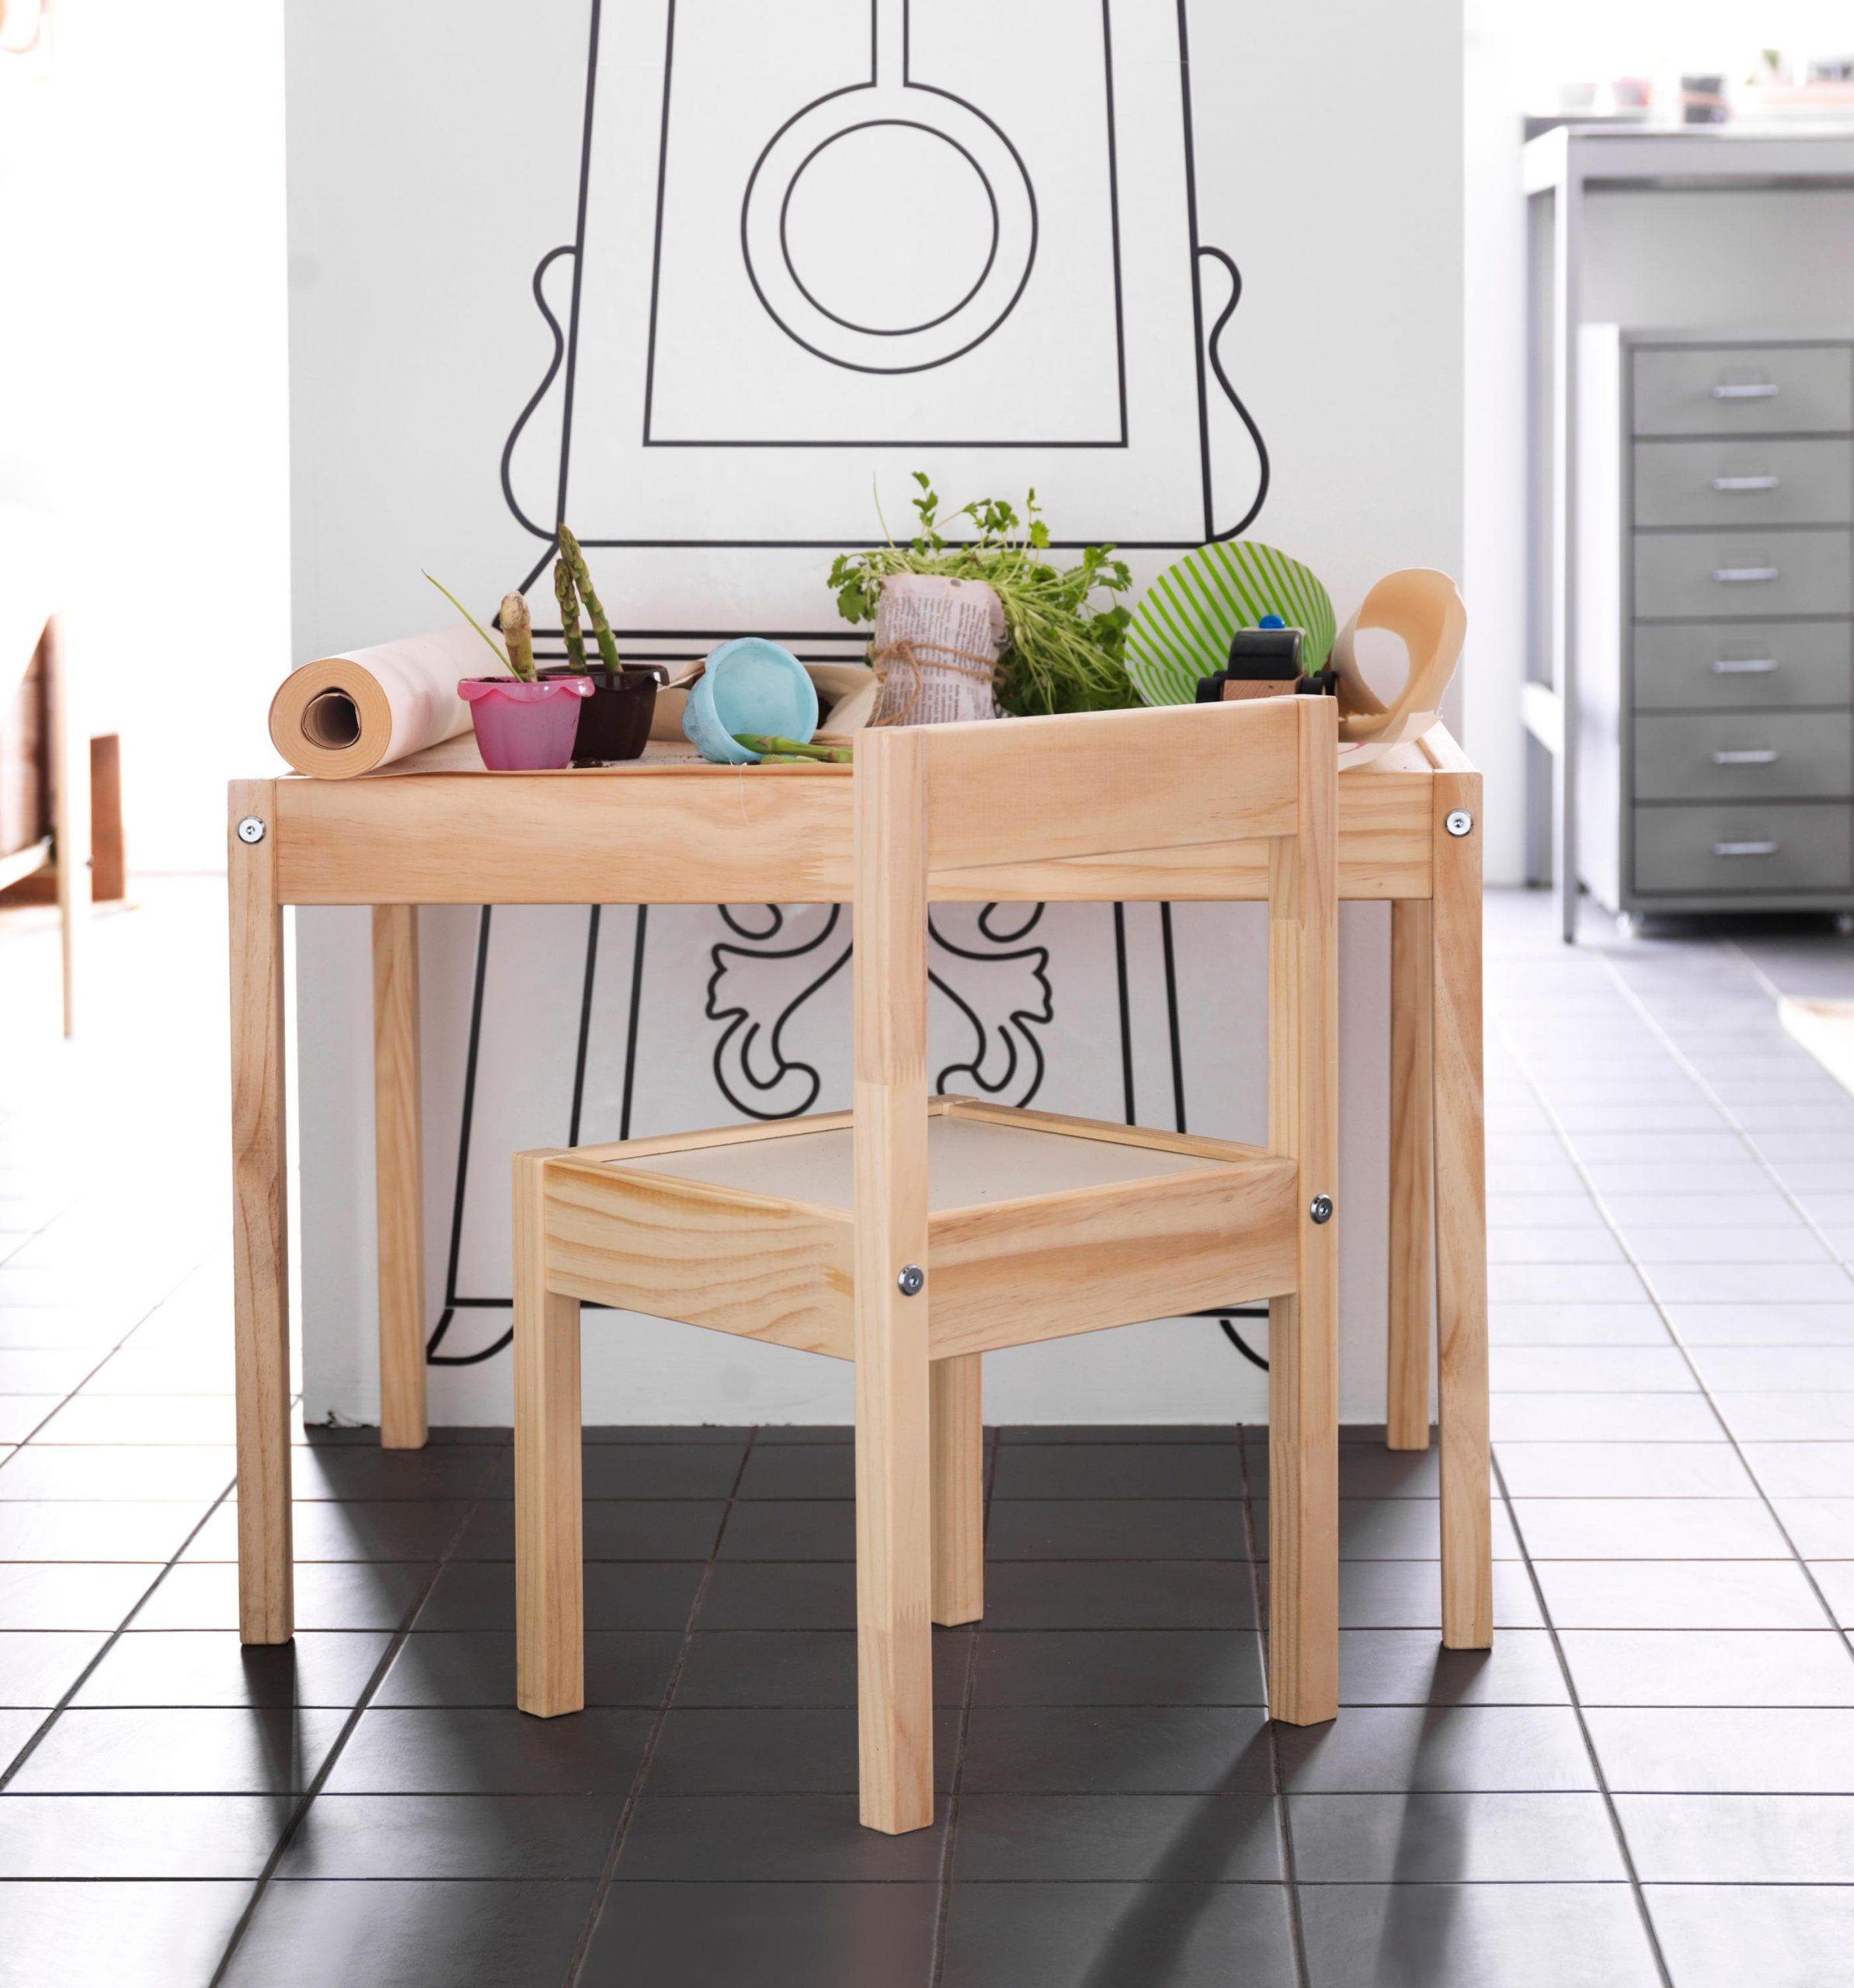 Full Size of Single Kche Bilder Ideen Couch Modulküche Ikea Sofa Mit Schlaffunktion Betten 160x200 Küche Kosten Miniküche Singleküche Kühlschrank Bei E Geräten Kaufen Wohnzimmer Ikea Singleküche